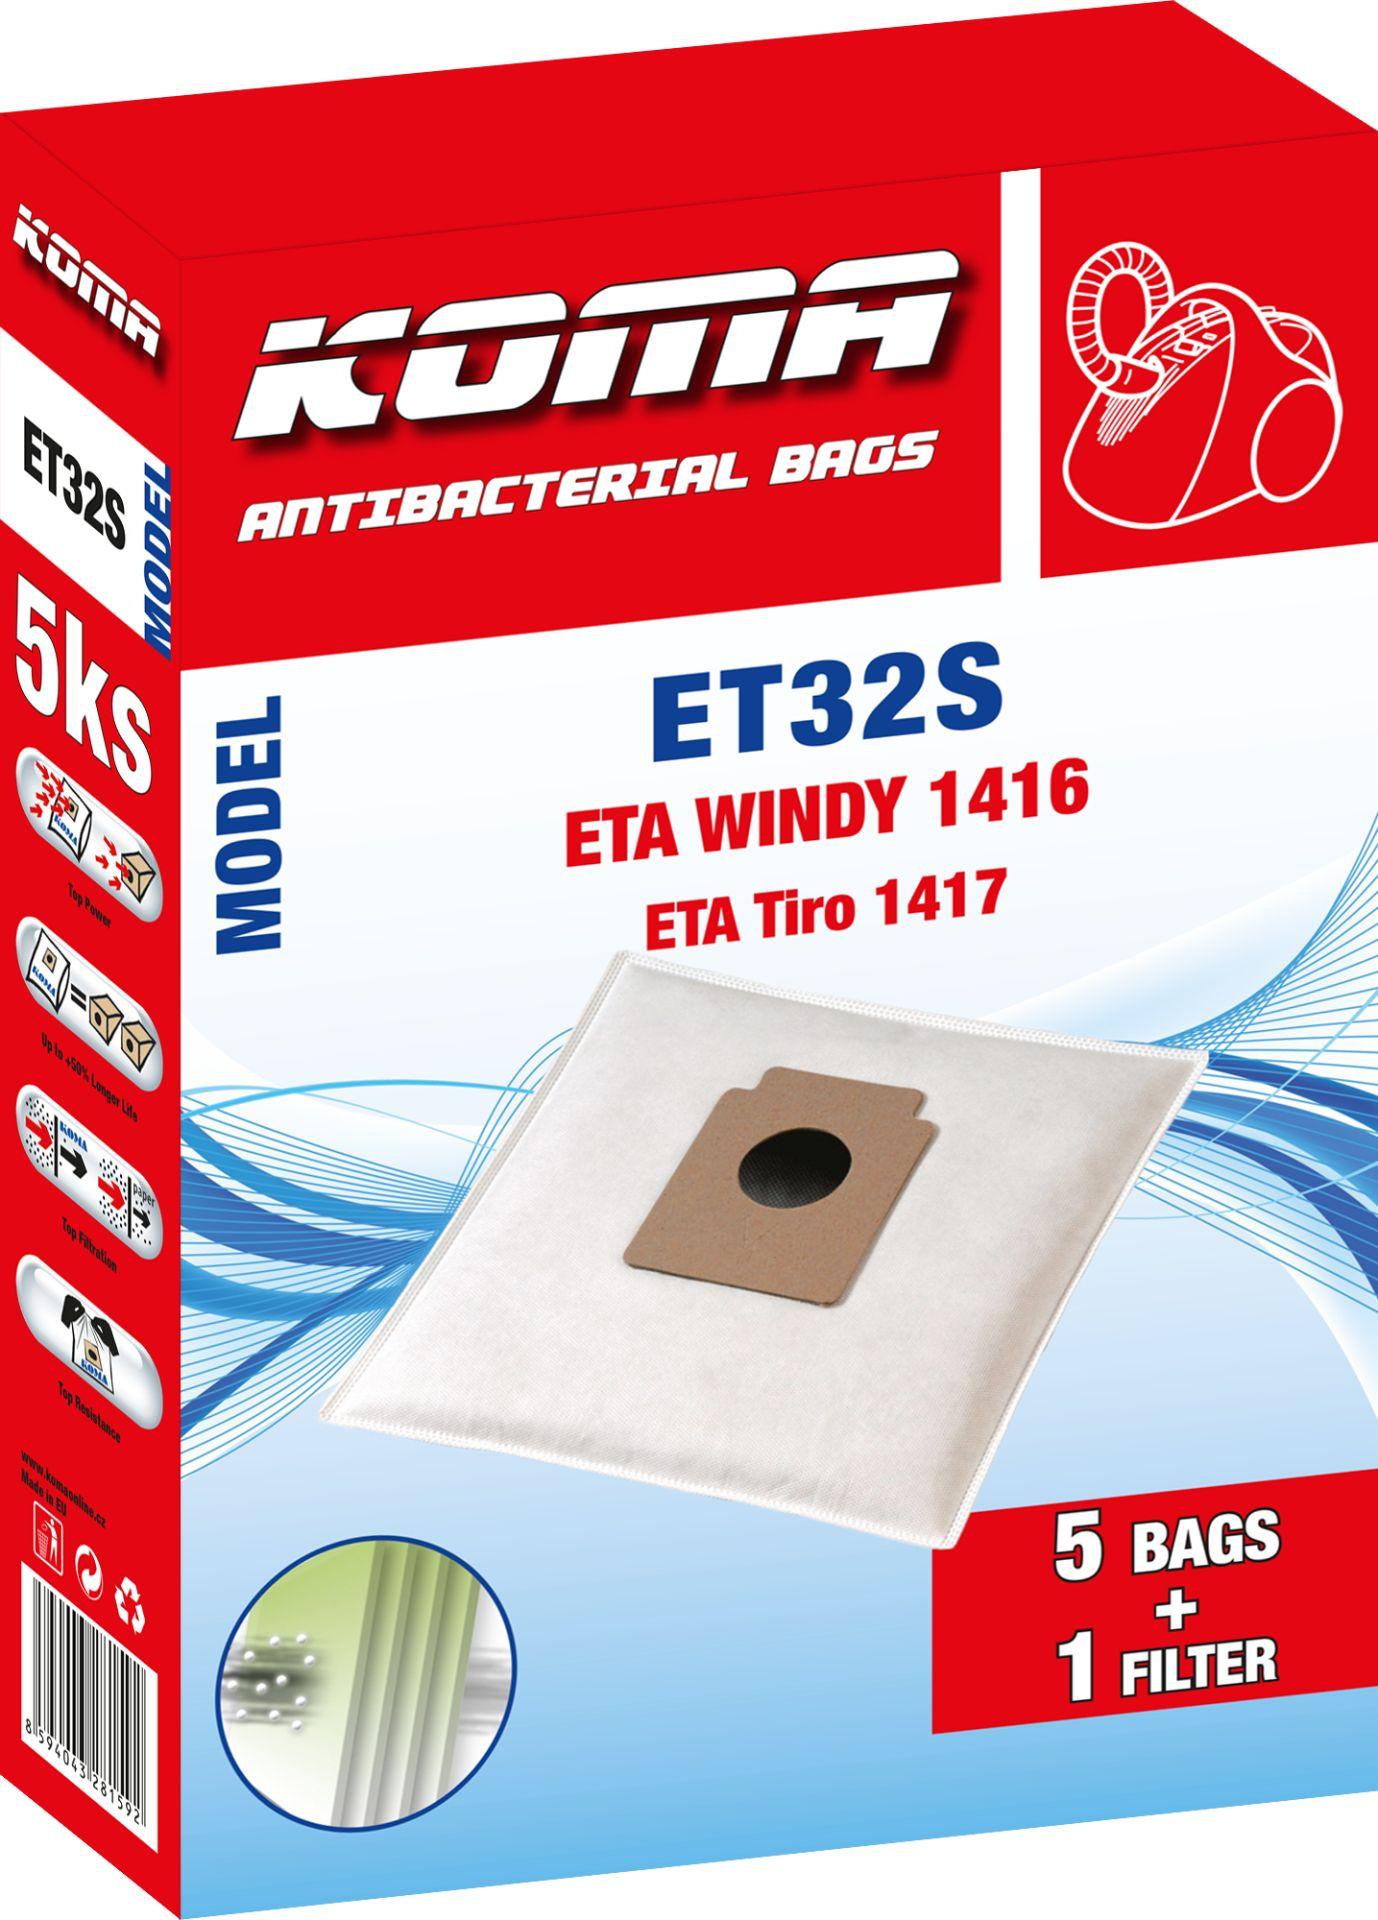 KOMA sáčky ETA Windy 1417 textilní 5 ks + 1 mikrofiltr Balení: Balení v PET sáčku